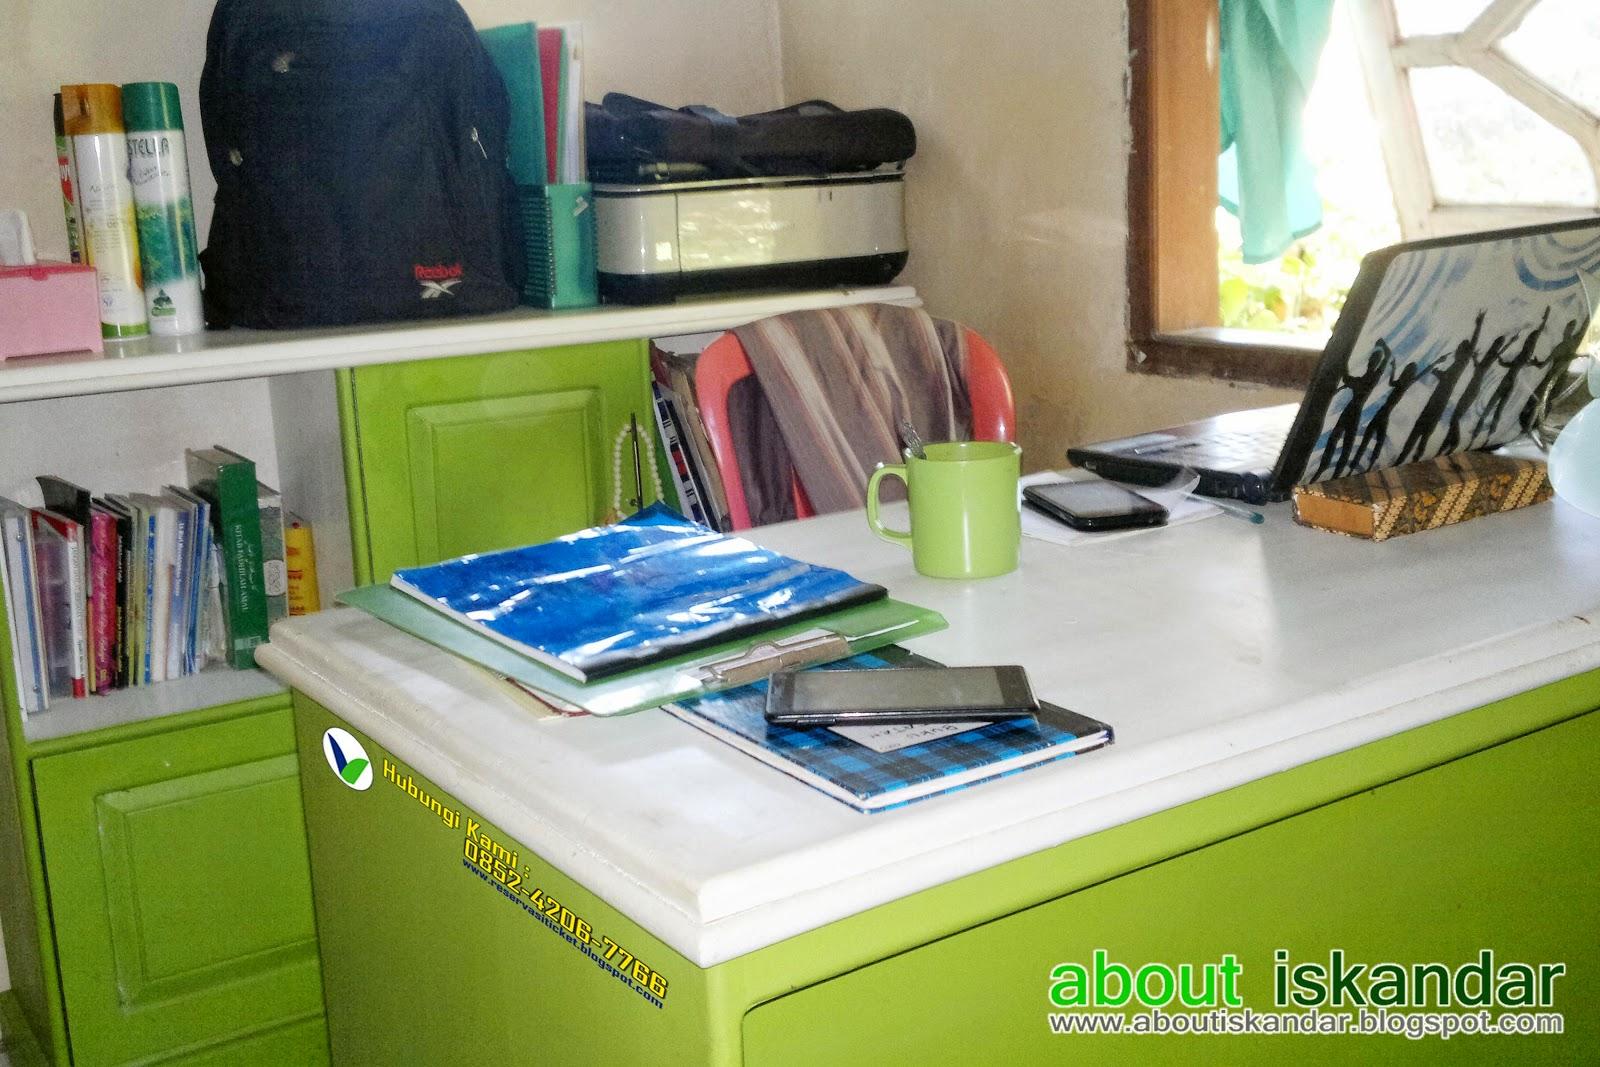 home office home. Namanya Juga Small Office, Ruangannya Tidak Perlu Luas, Yang Penting Saya Bisa Bekerja Dengan Nyaman Dan Ada Suasana Hommy Di Dalamnya. Home Office